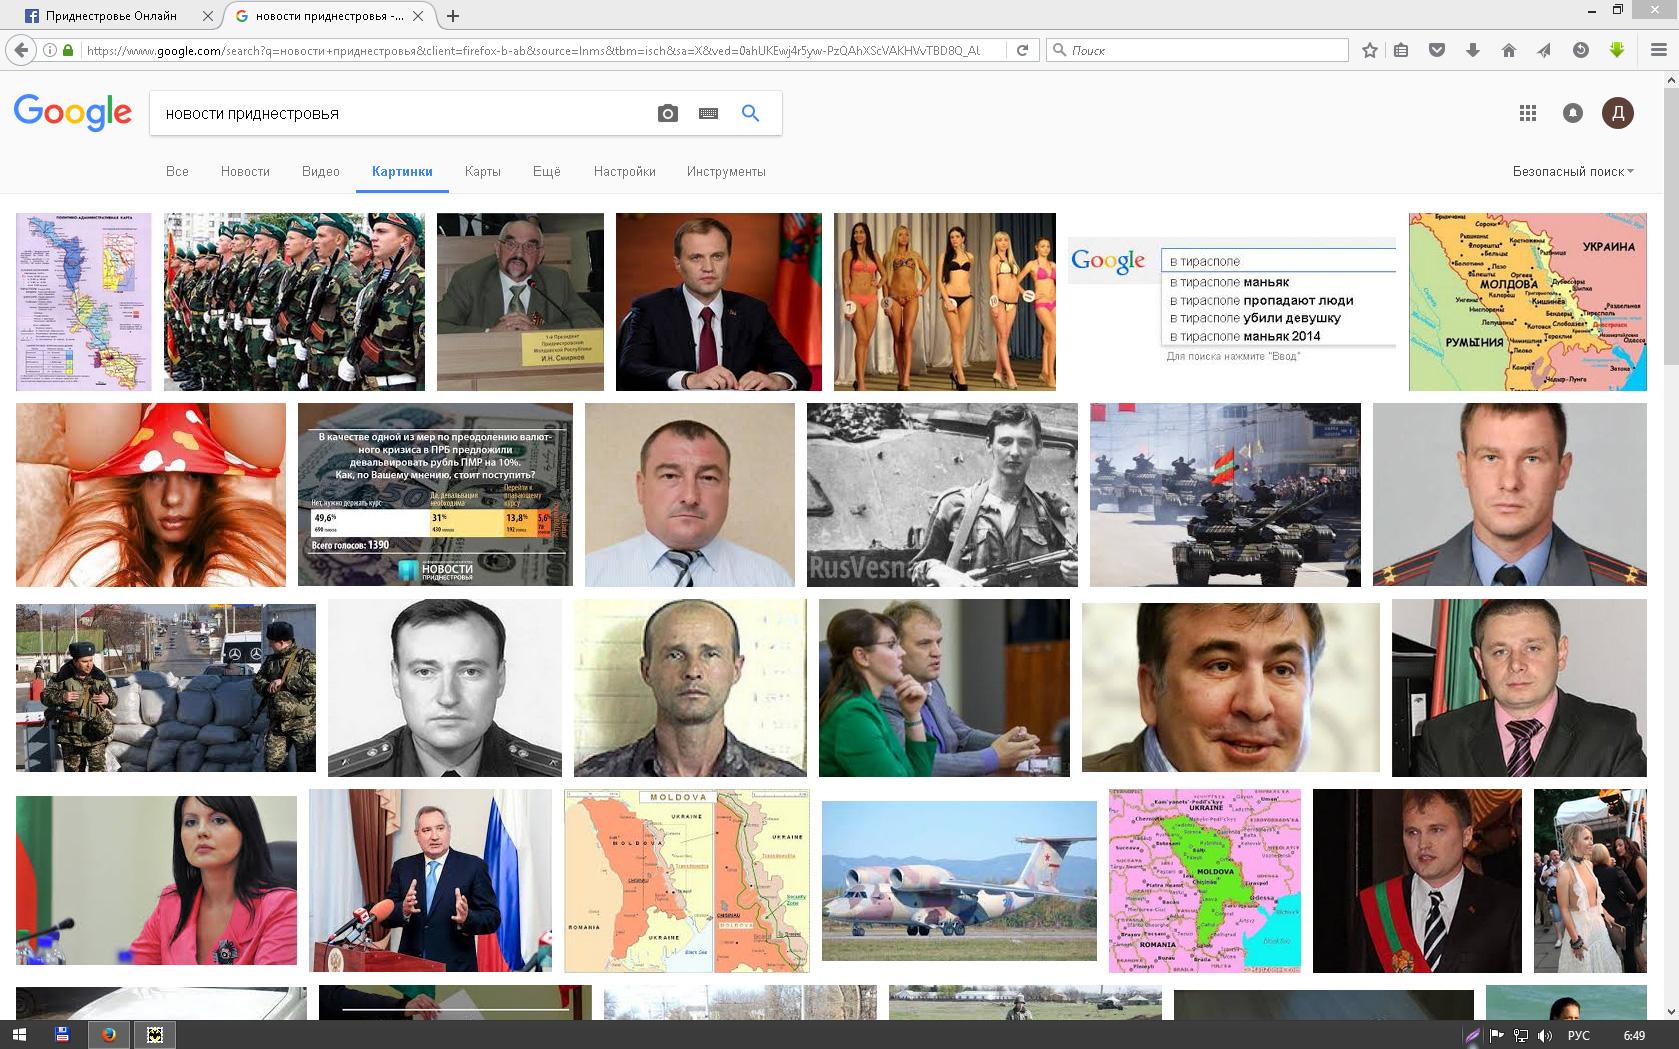 Новости Приднестровья - результаты поиска по картинкам в Гугле